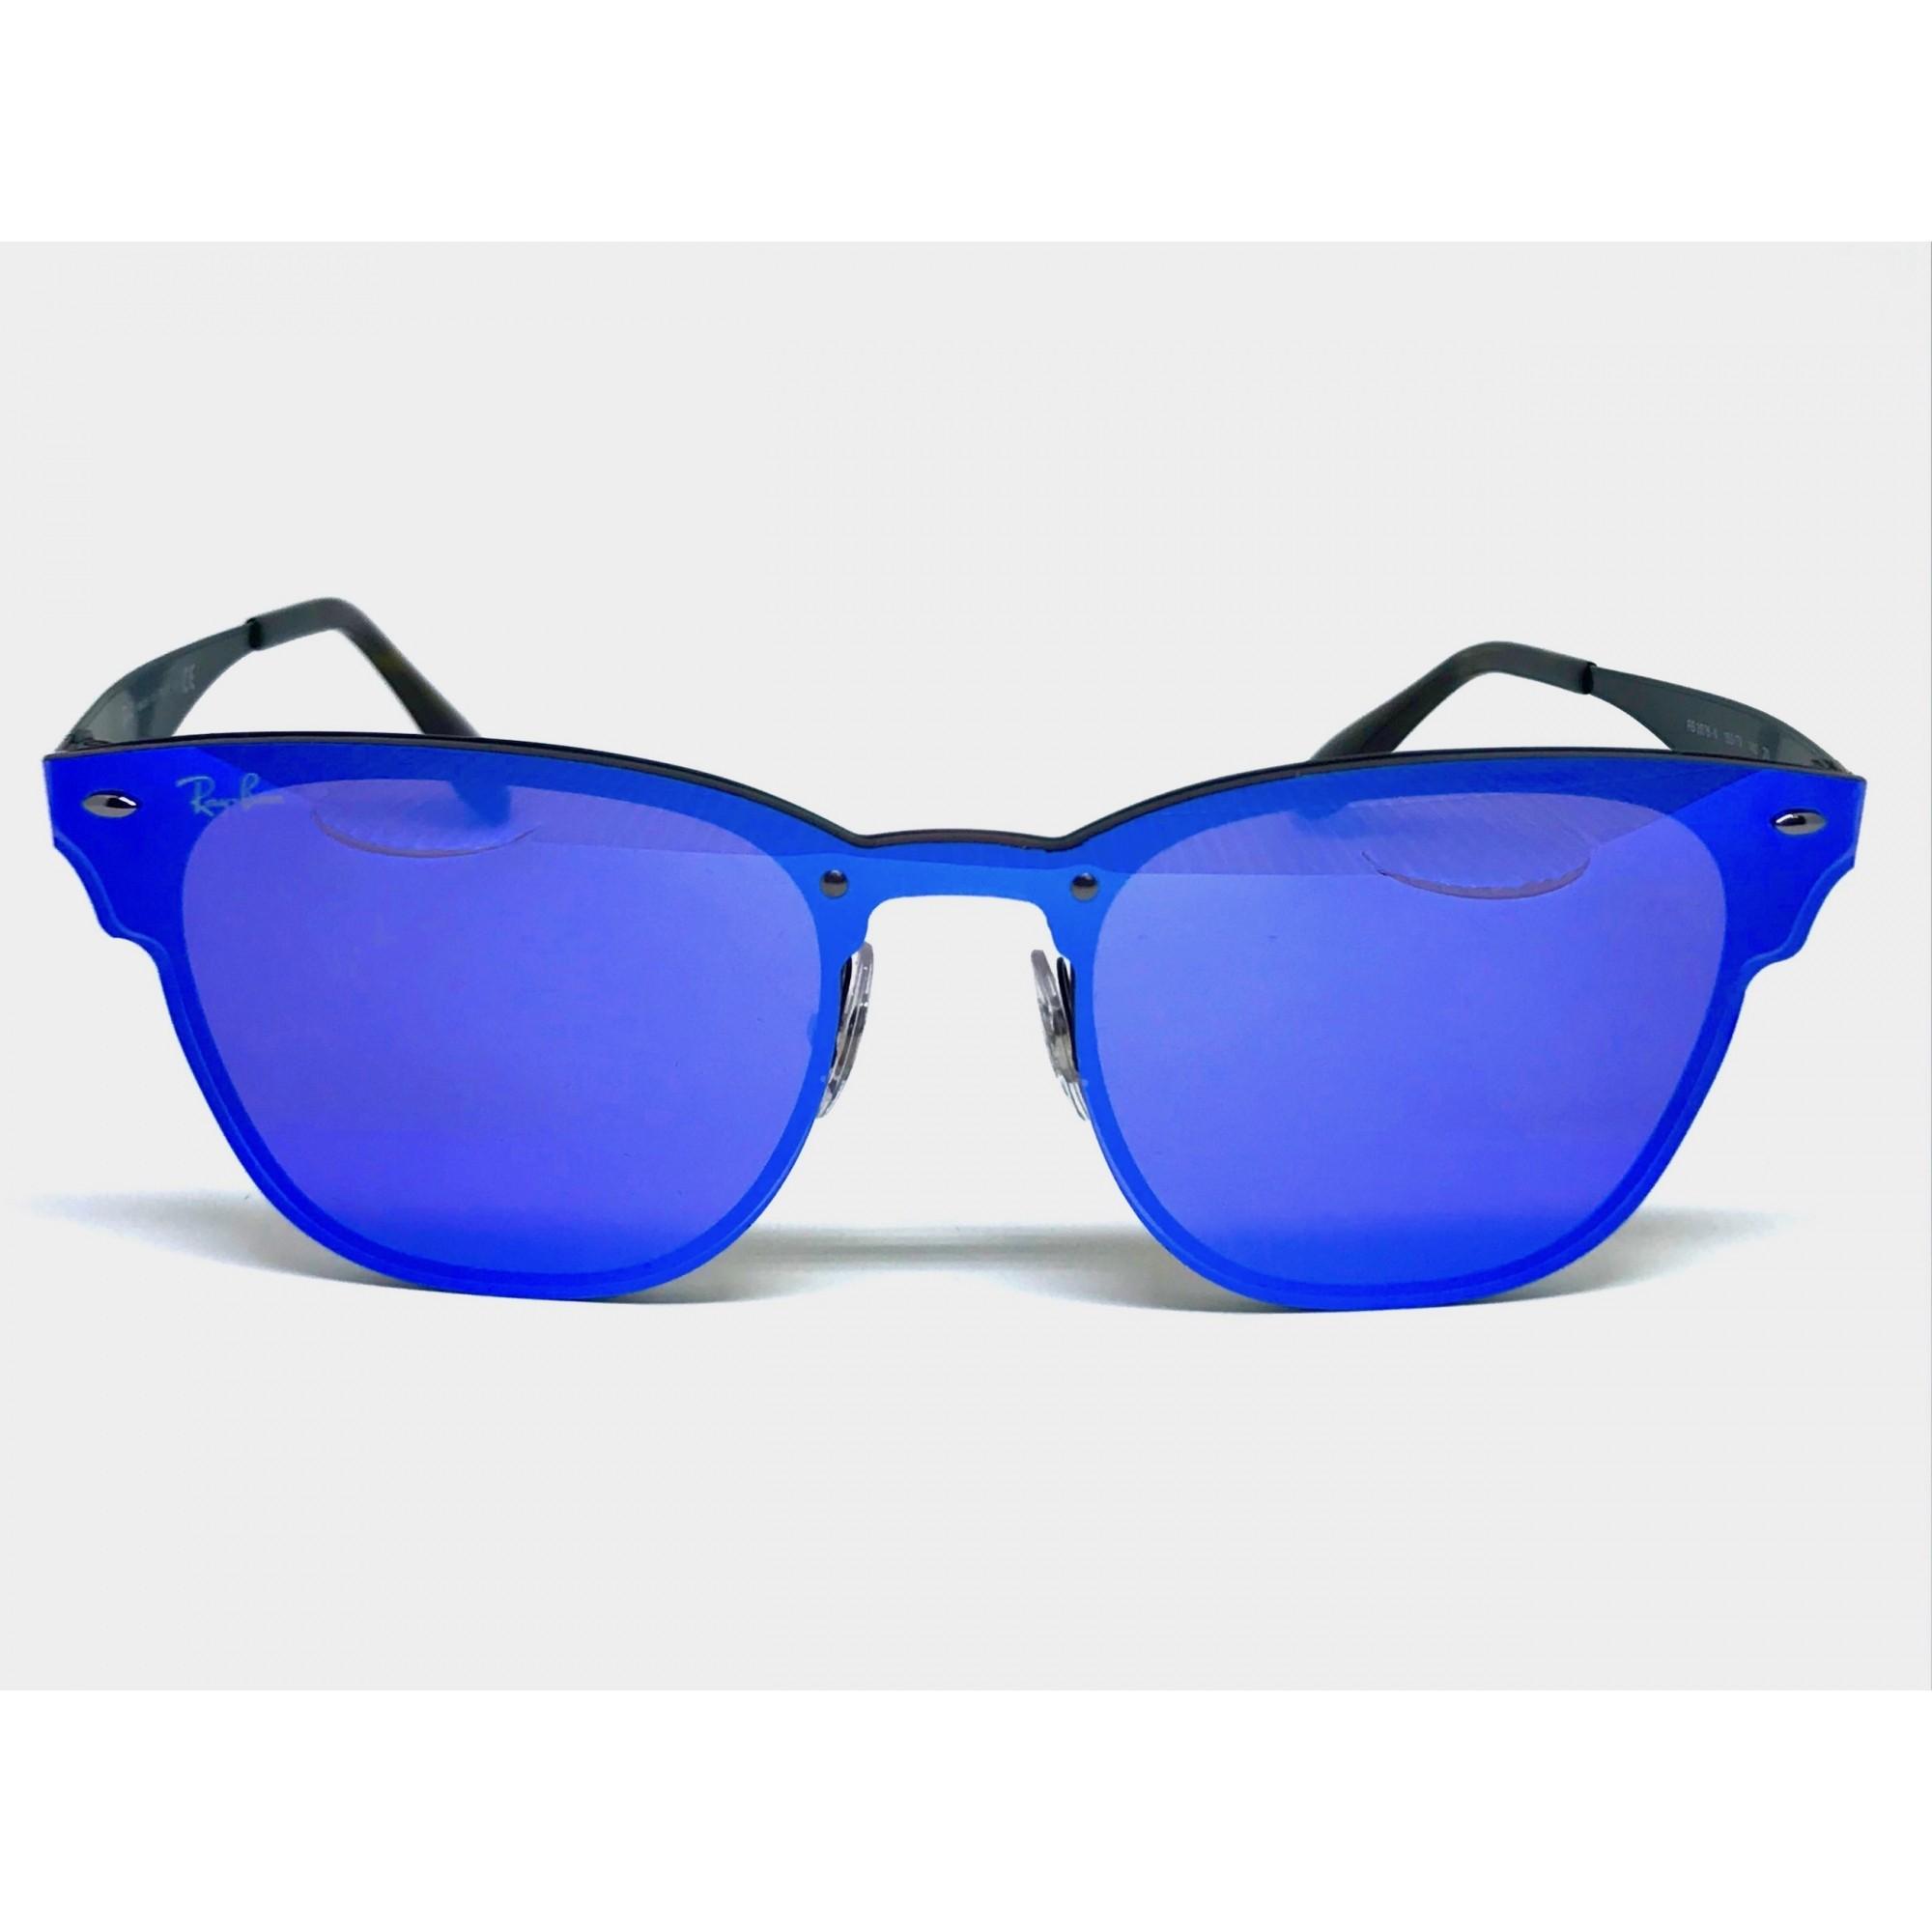 af691ced4104b ... Oculos de sol RAY BAN Blaze Clubmaster RB3576N 153 7V 41 - Majestic  Oculos